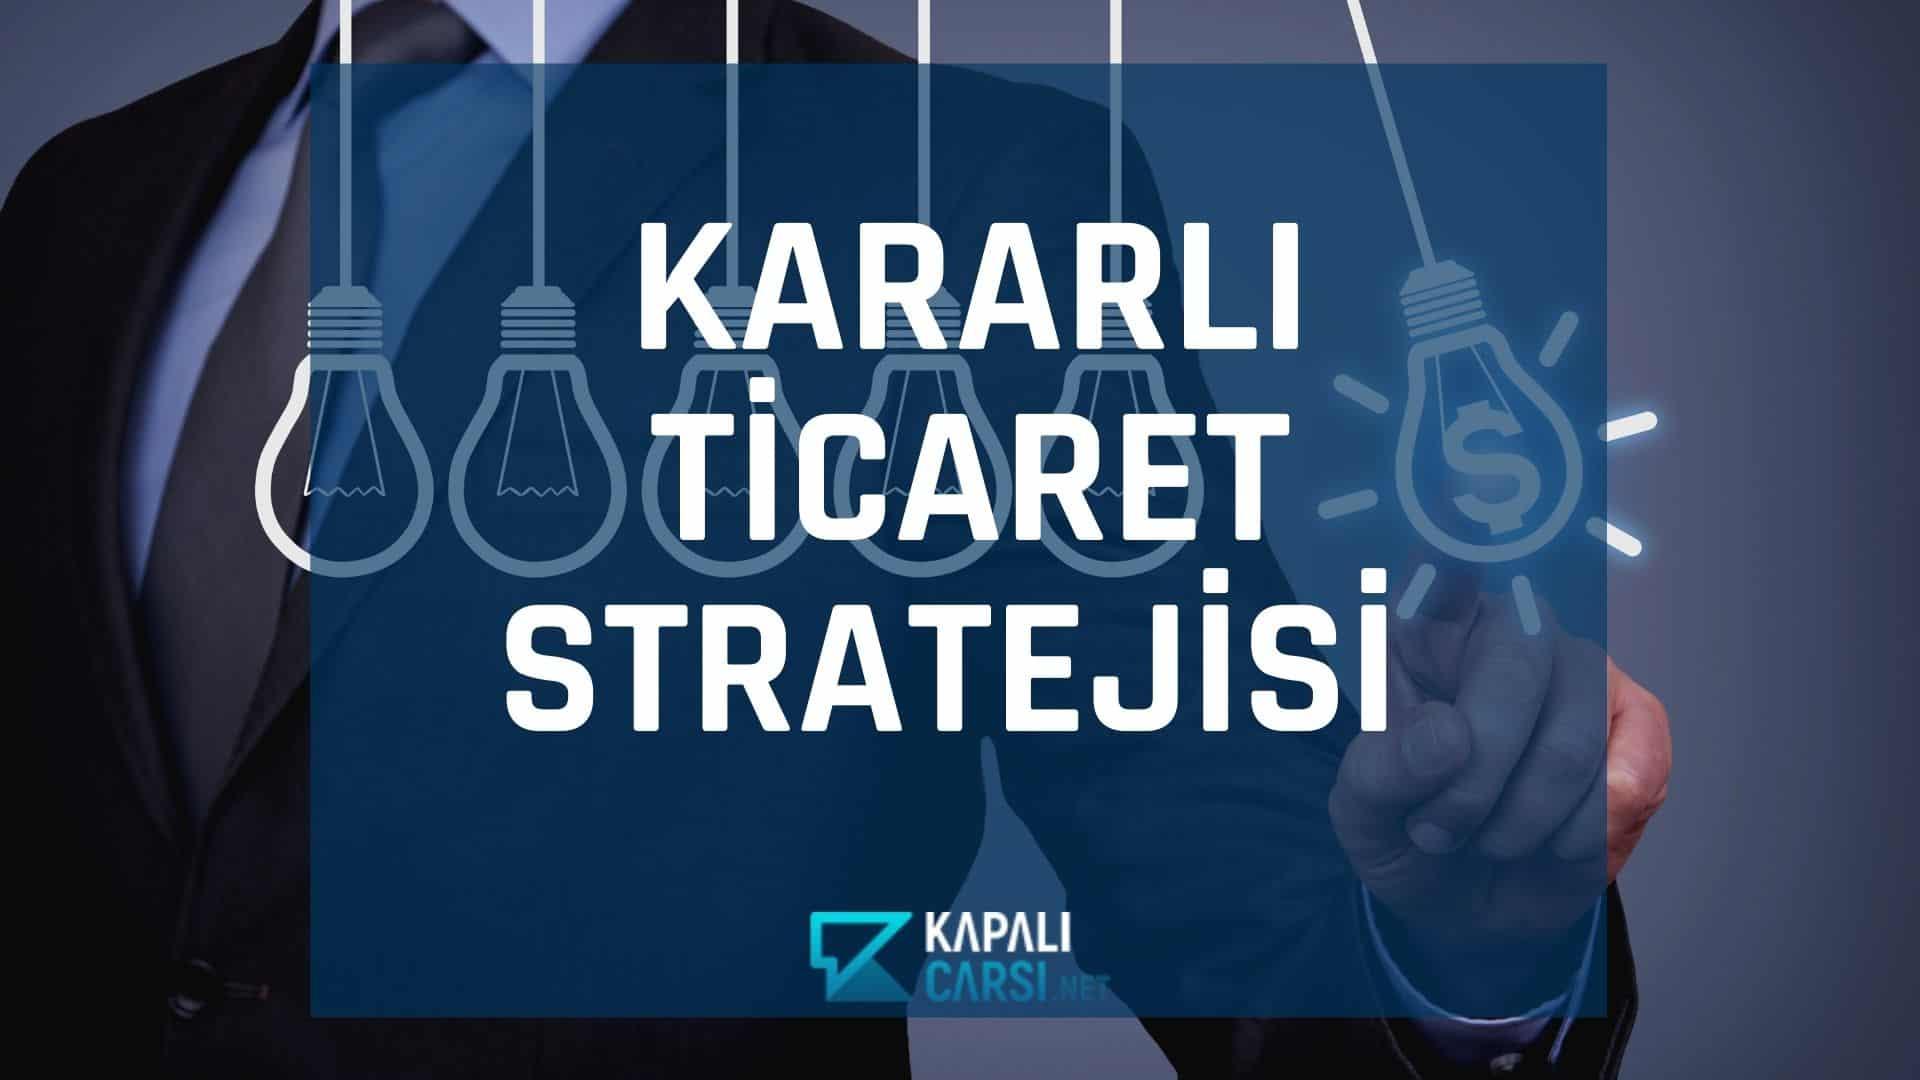 Kararlı Ticaret Stratejisi